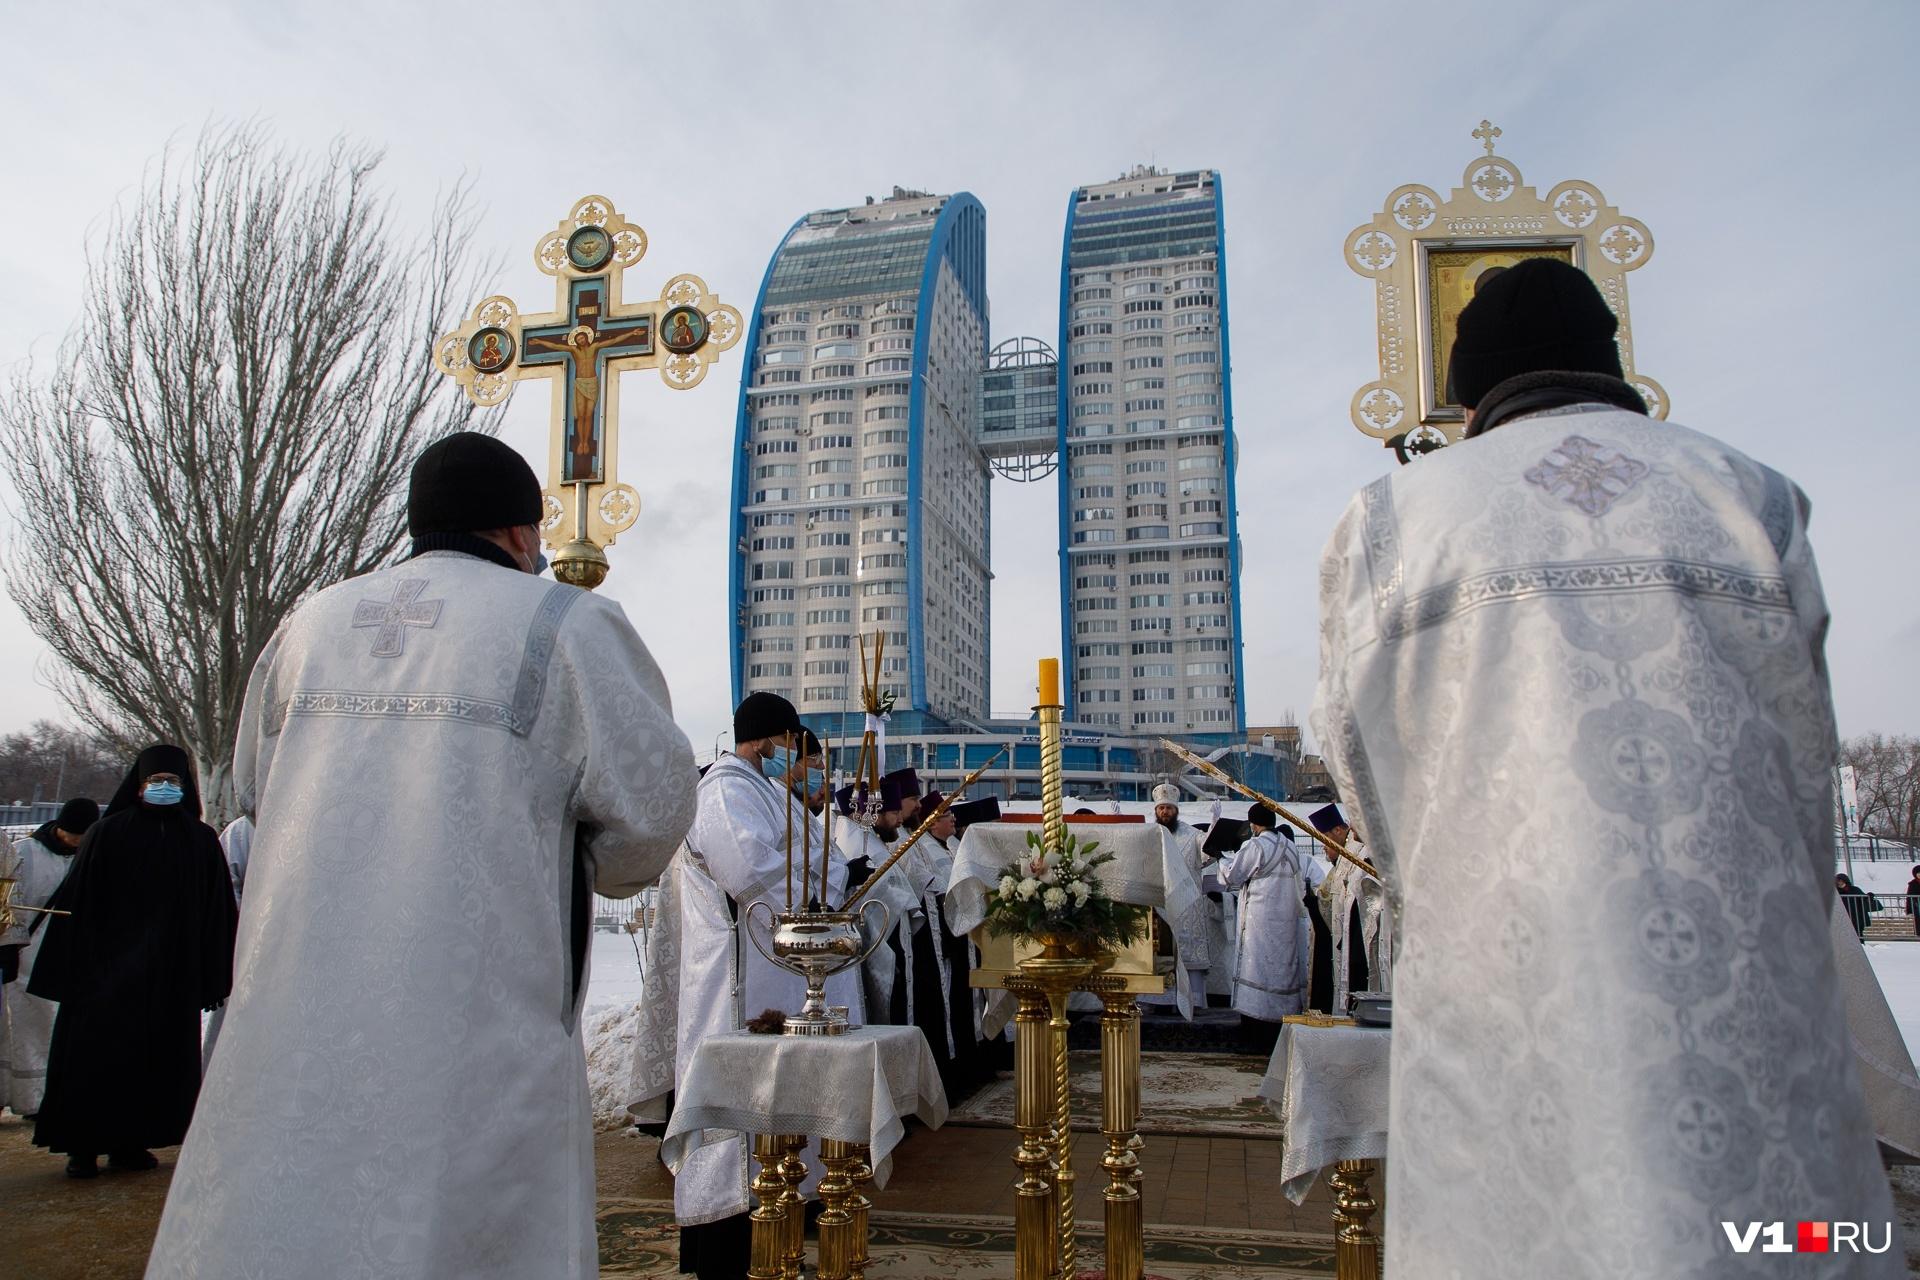 Днем в центре города освятили Волгу